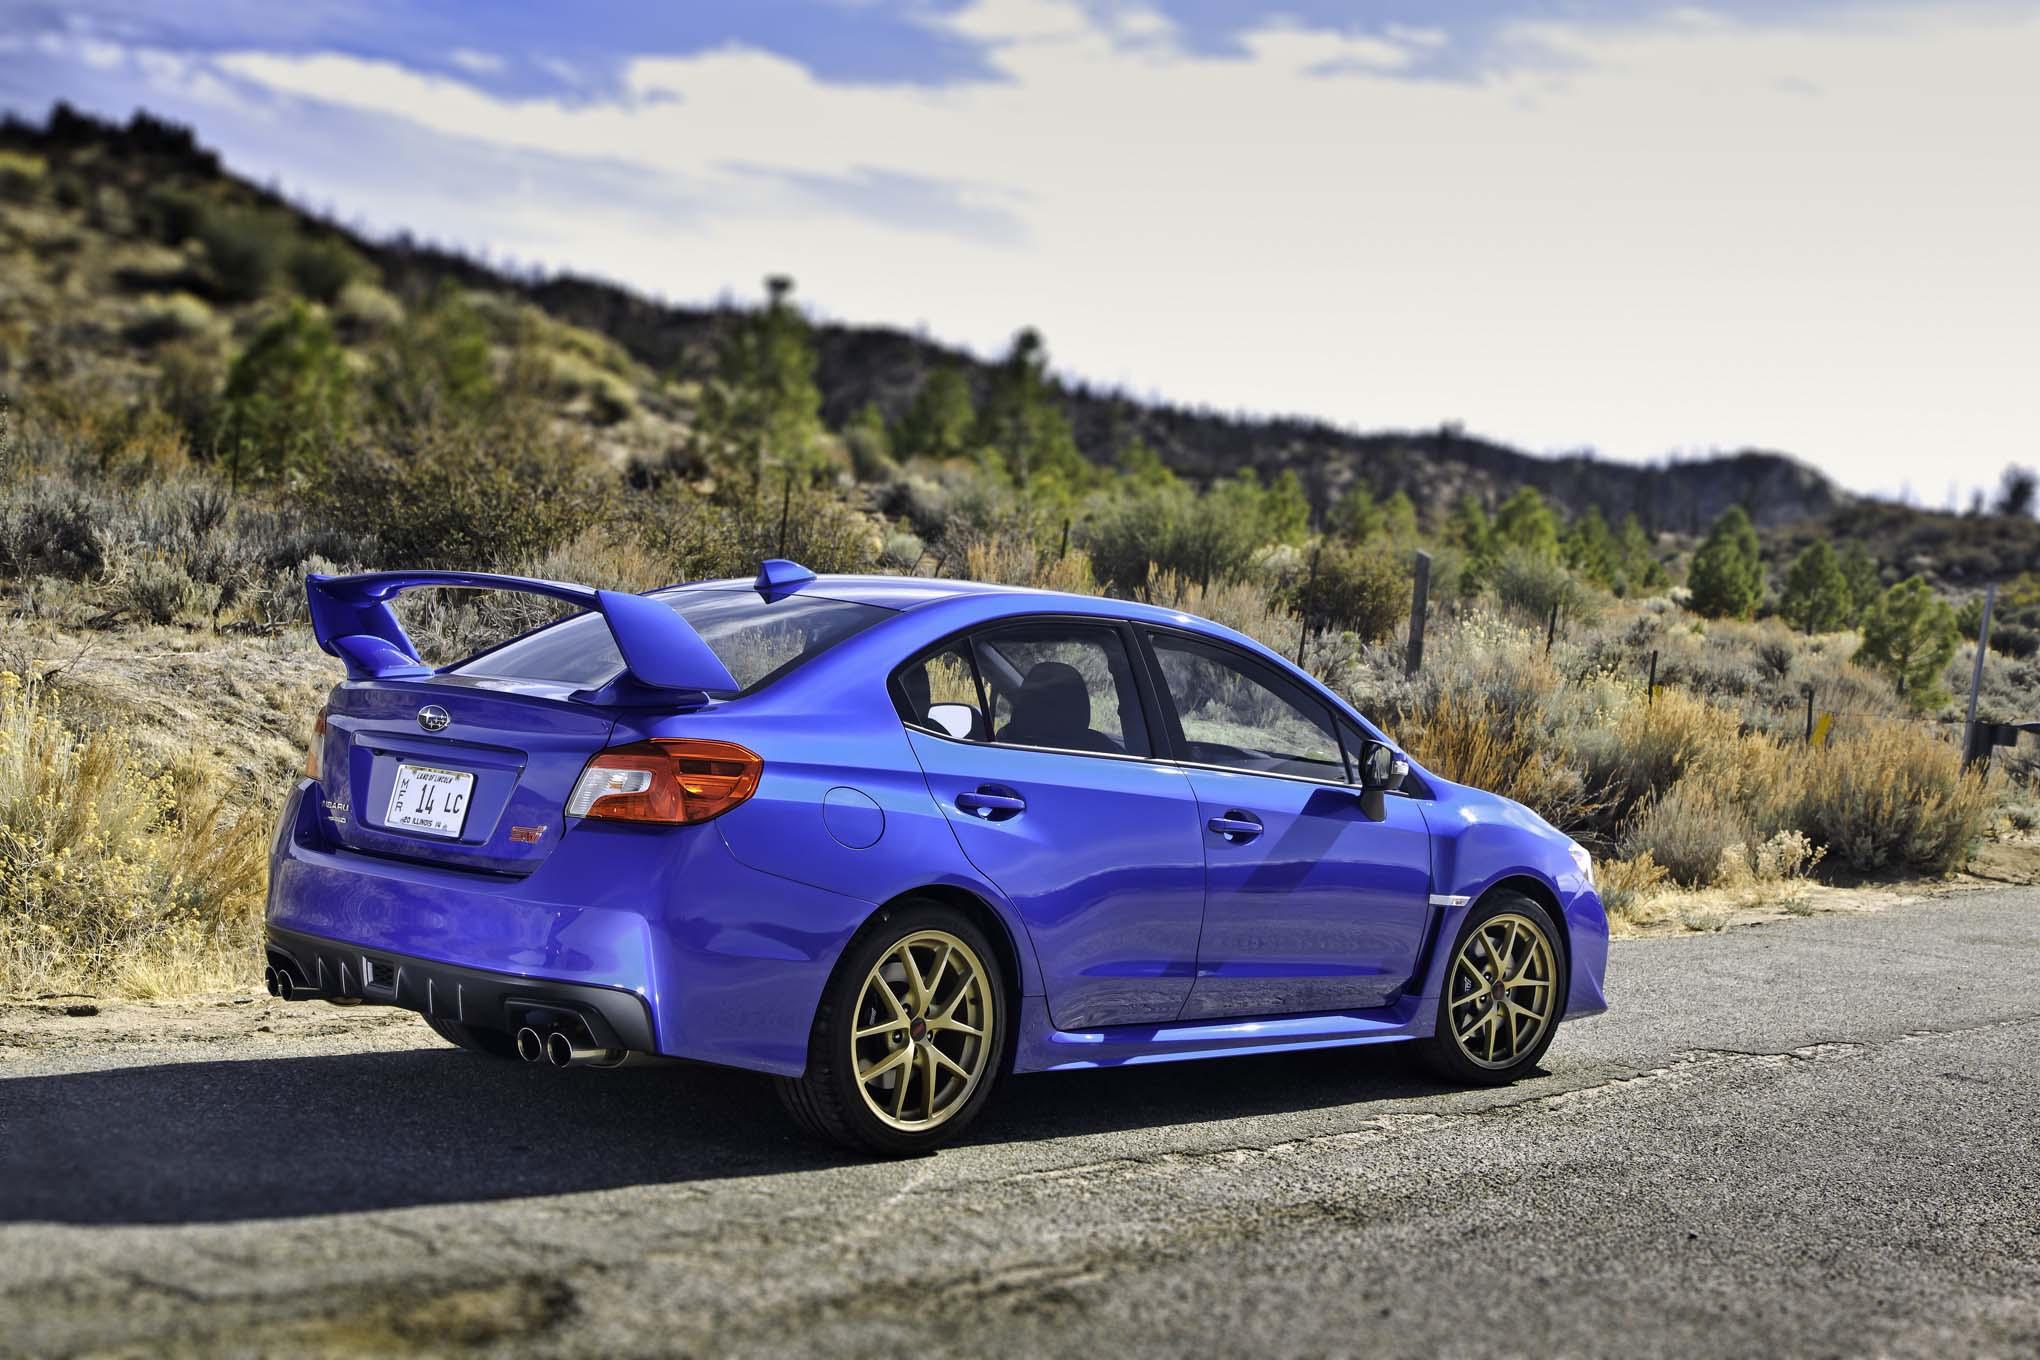 2015 Subaru WRX-STI Test Drive